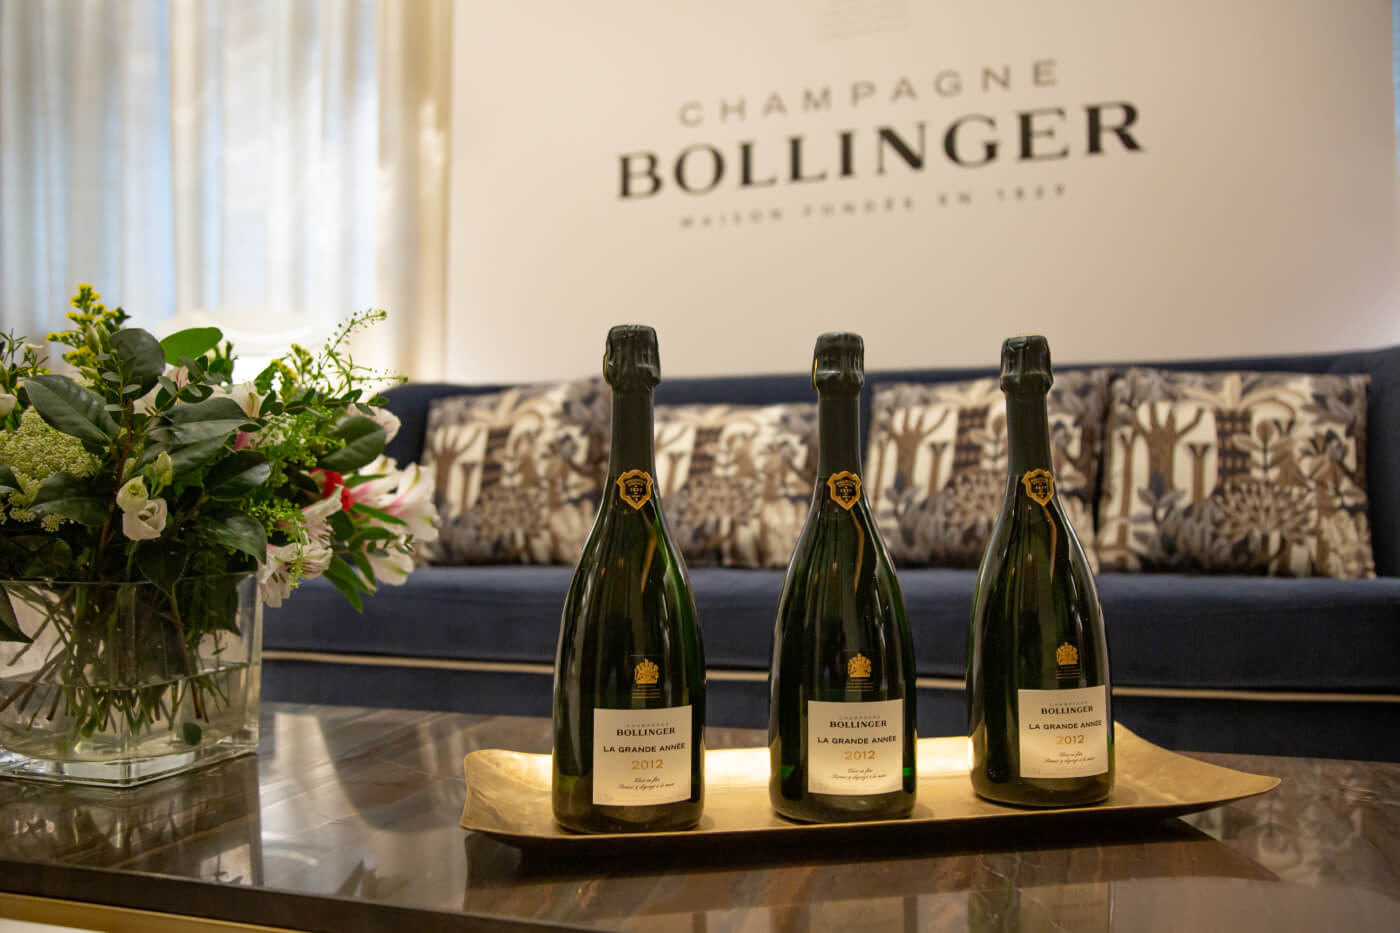 Bollinger presenta La Grande Année 2012, la expresividad de una gran añada recogida en una botella